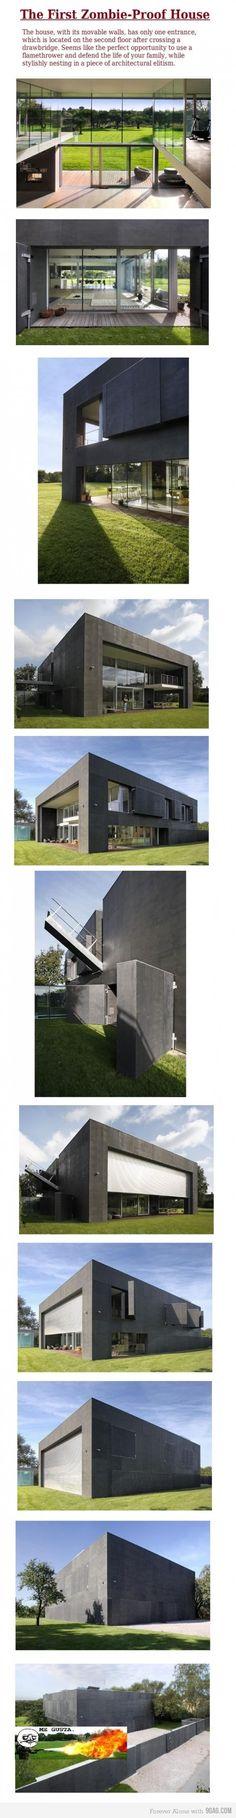 Zombie-Apocalypse-Proof House. OMG I want this sooooo badly @Cj Mahoney